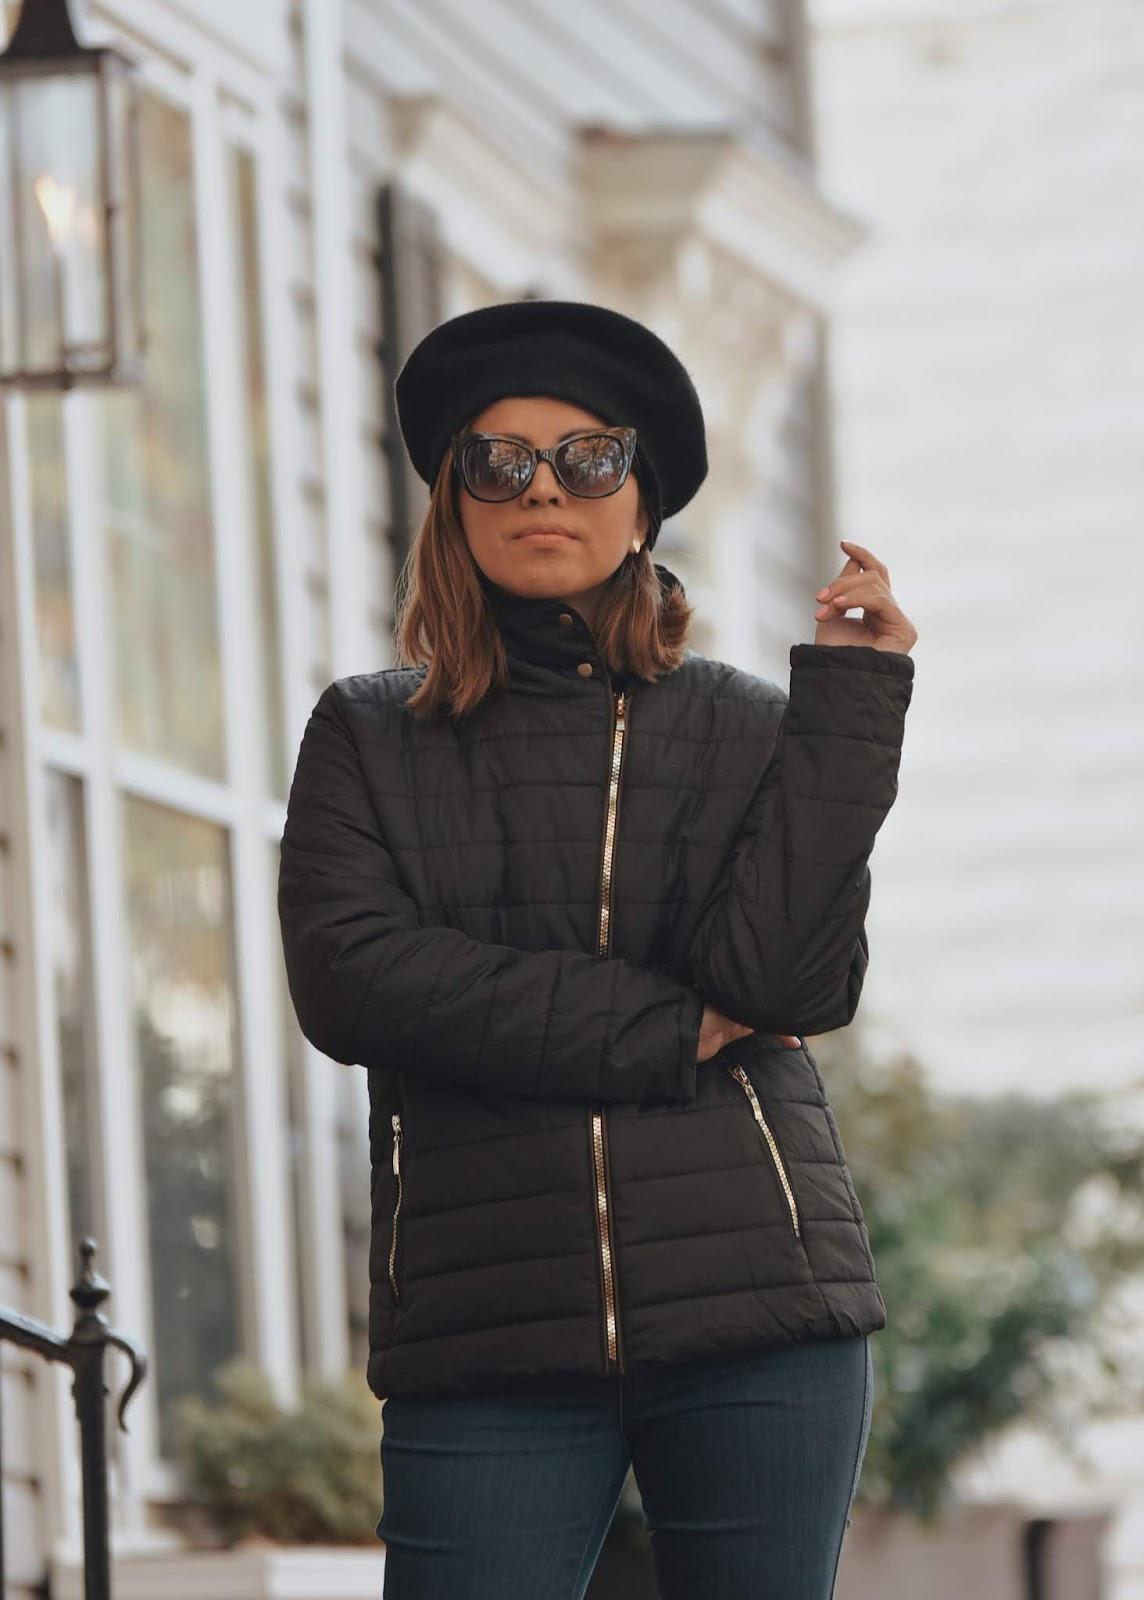 Jeans, Botas Altas Y Una Chaqueta Negra Para Un Otoño Con Mucho Frío by Mari Estilo-dcblogger-fashionblogger-fallfashion-lookbook-streetstyle-